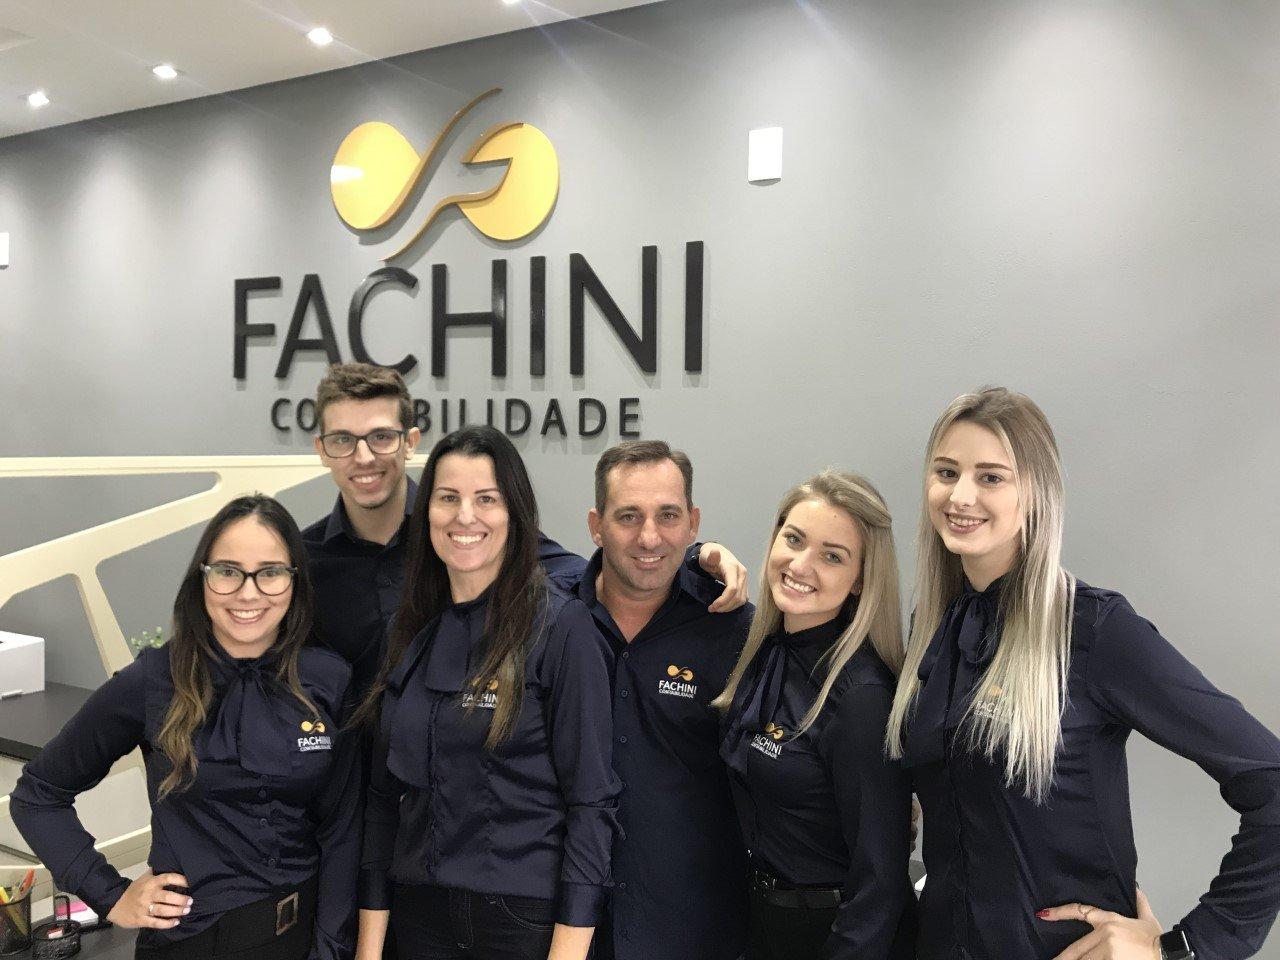 Fachini Contabilidade: muito mais segurança e confiança para a sua empresa